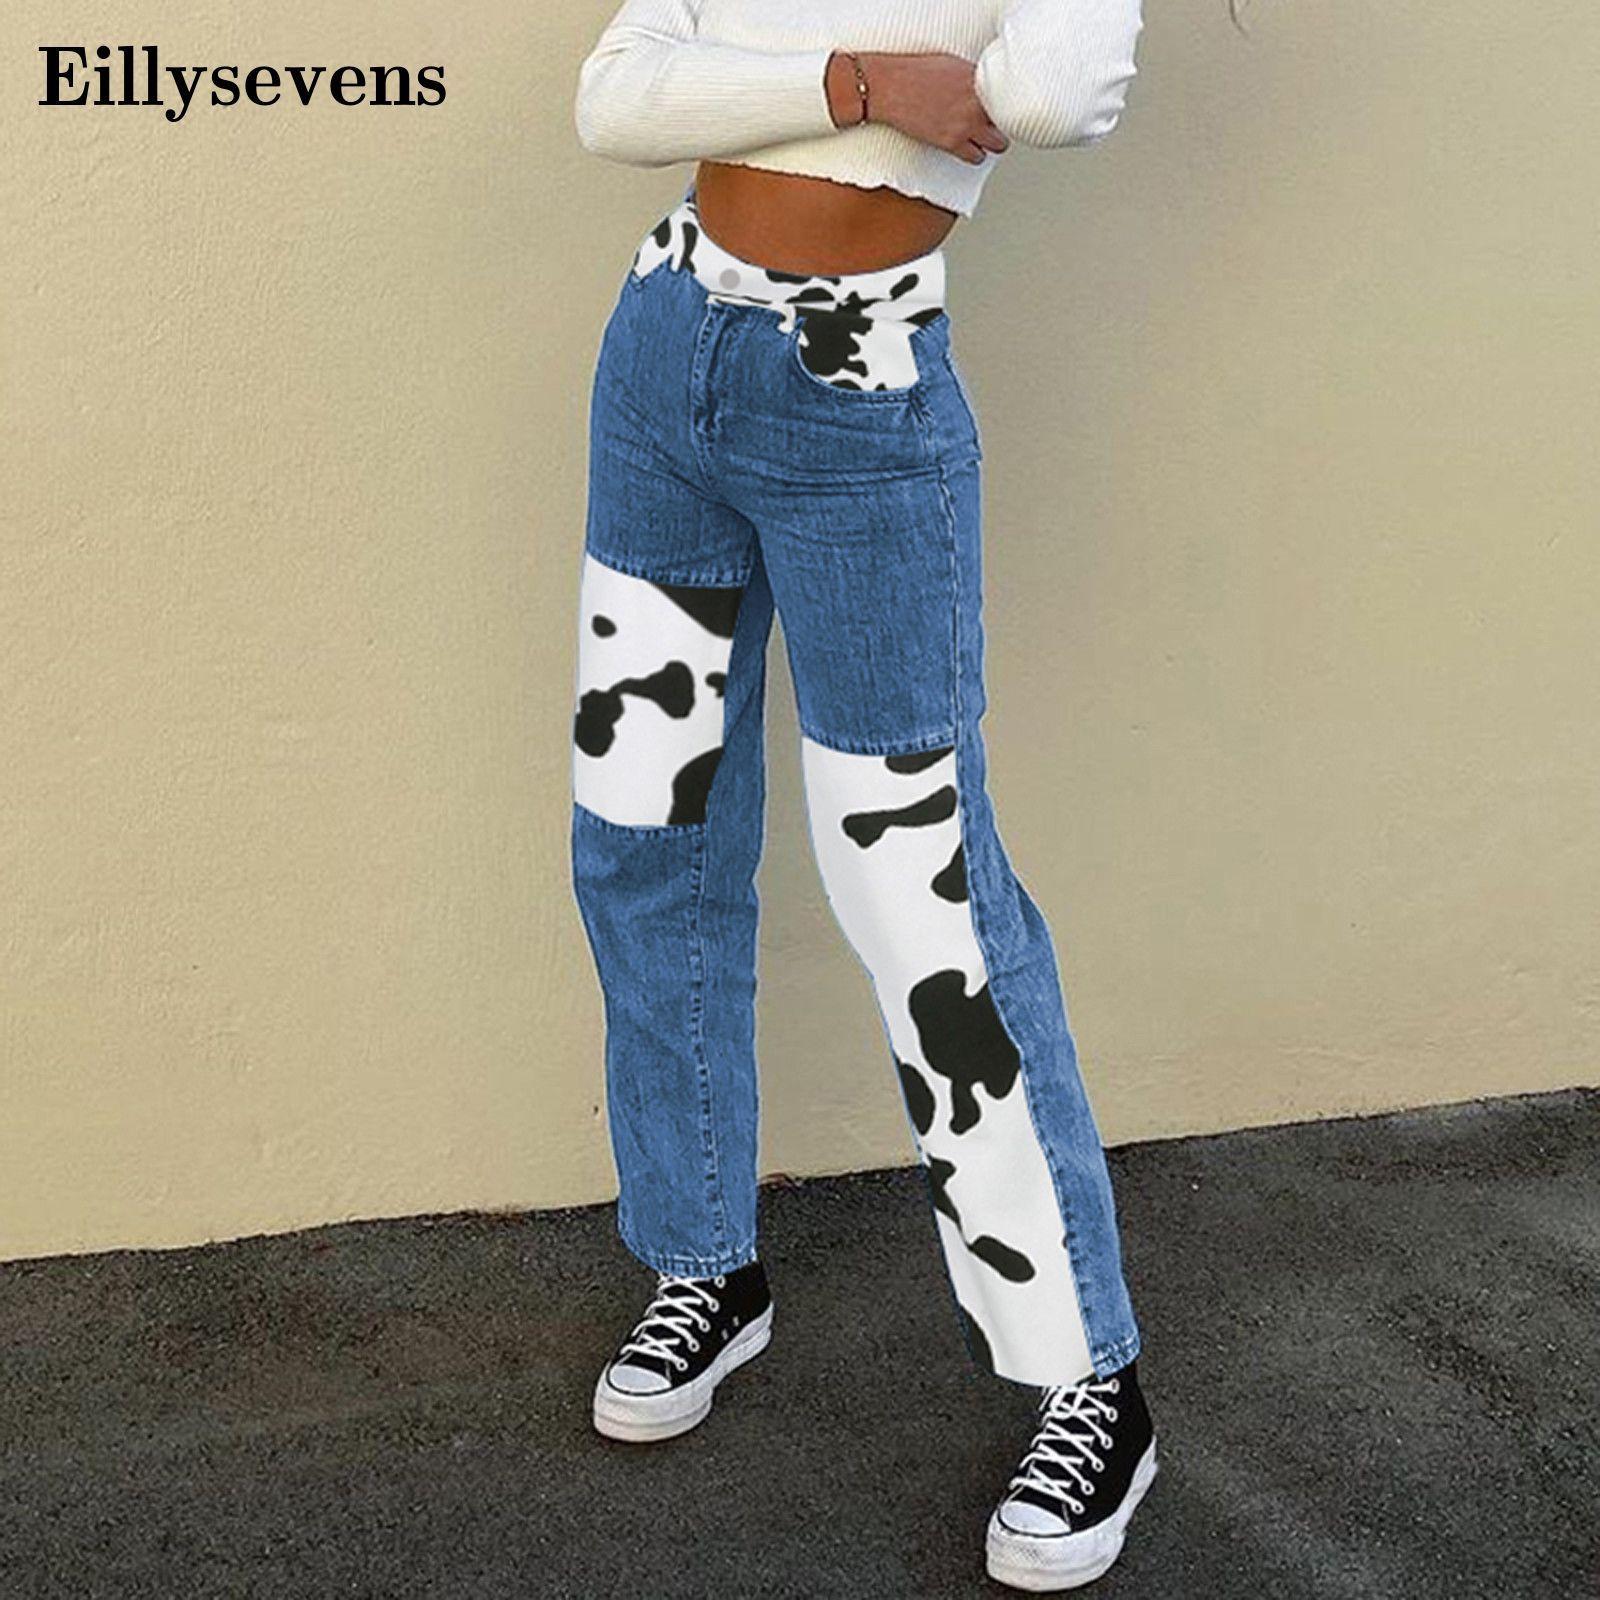 Vintage High Tail Jeans Mujeres Moda Casual Color Bloque Color Bloque Derecho Pipa Sbendiantes Jeans Broek Denim Broek Vaqueros Mujer